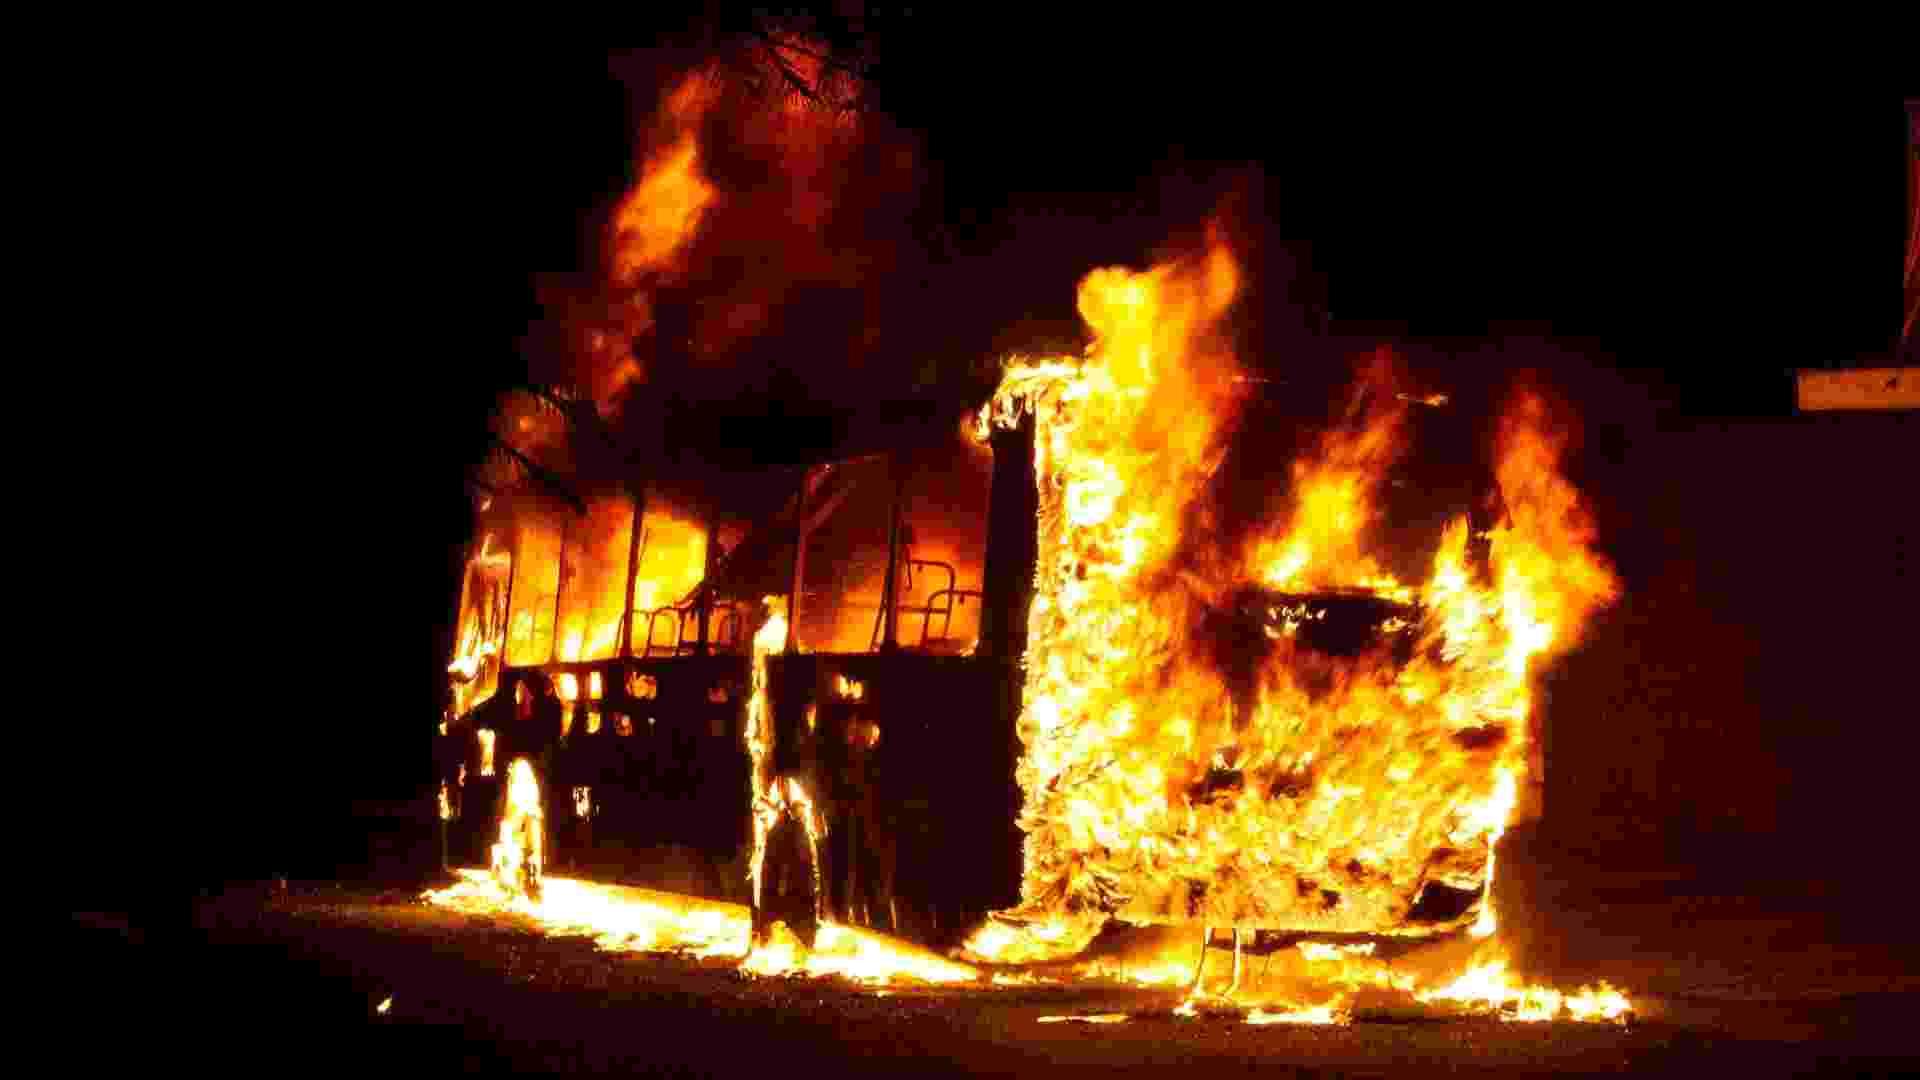 7.dez.2012 - Ônibus pega fogo na avenida Maestro Hervê Cordovil, em Ribeirão Preto (SP) - Alfredo Risk/Futura Press